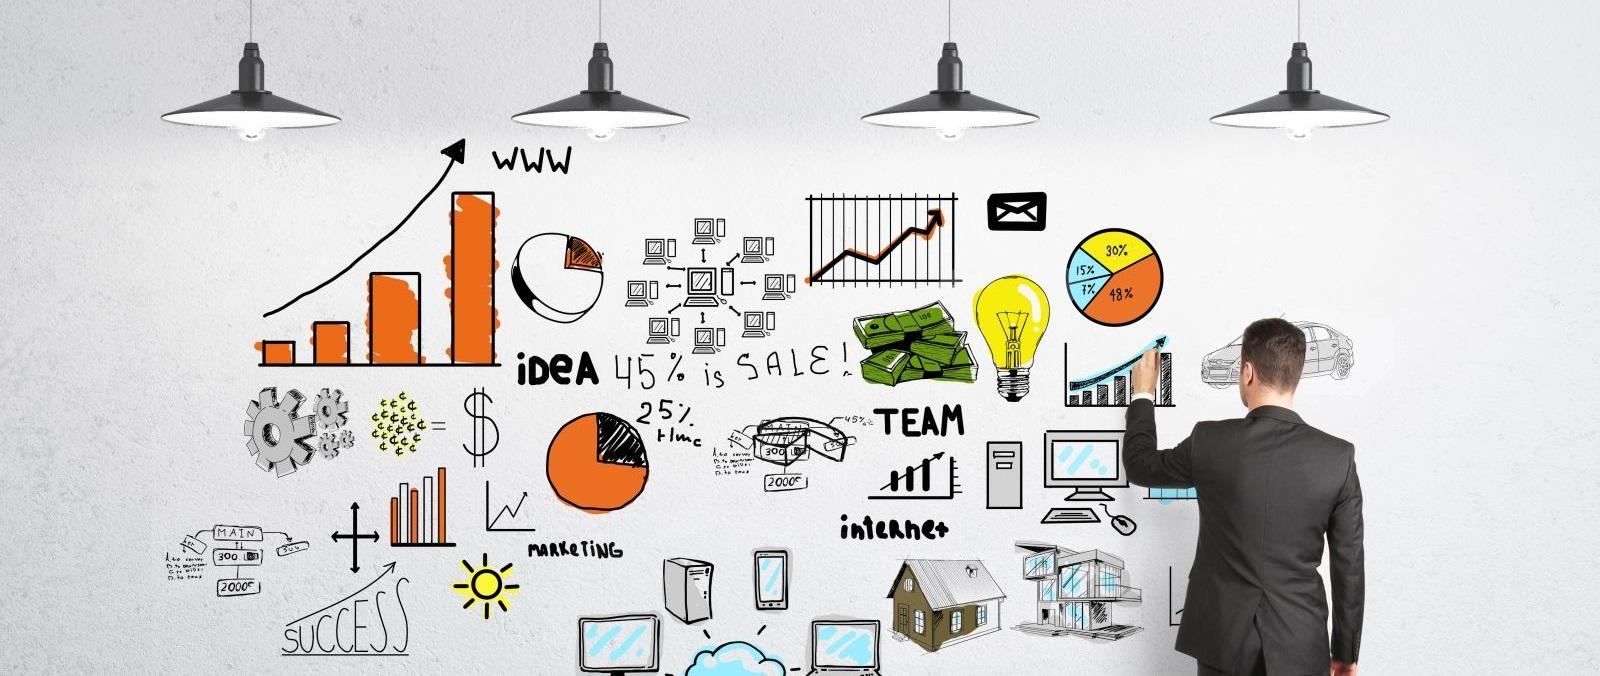 Soluciones-de-software-como-servicio